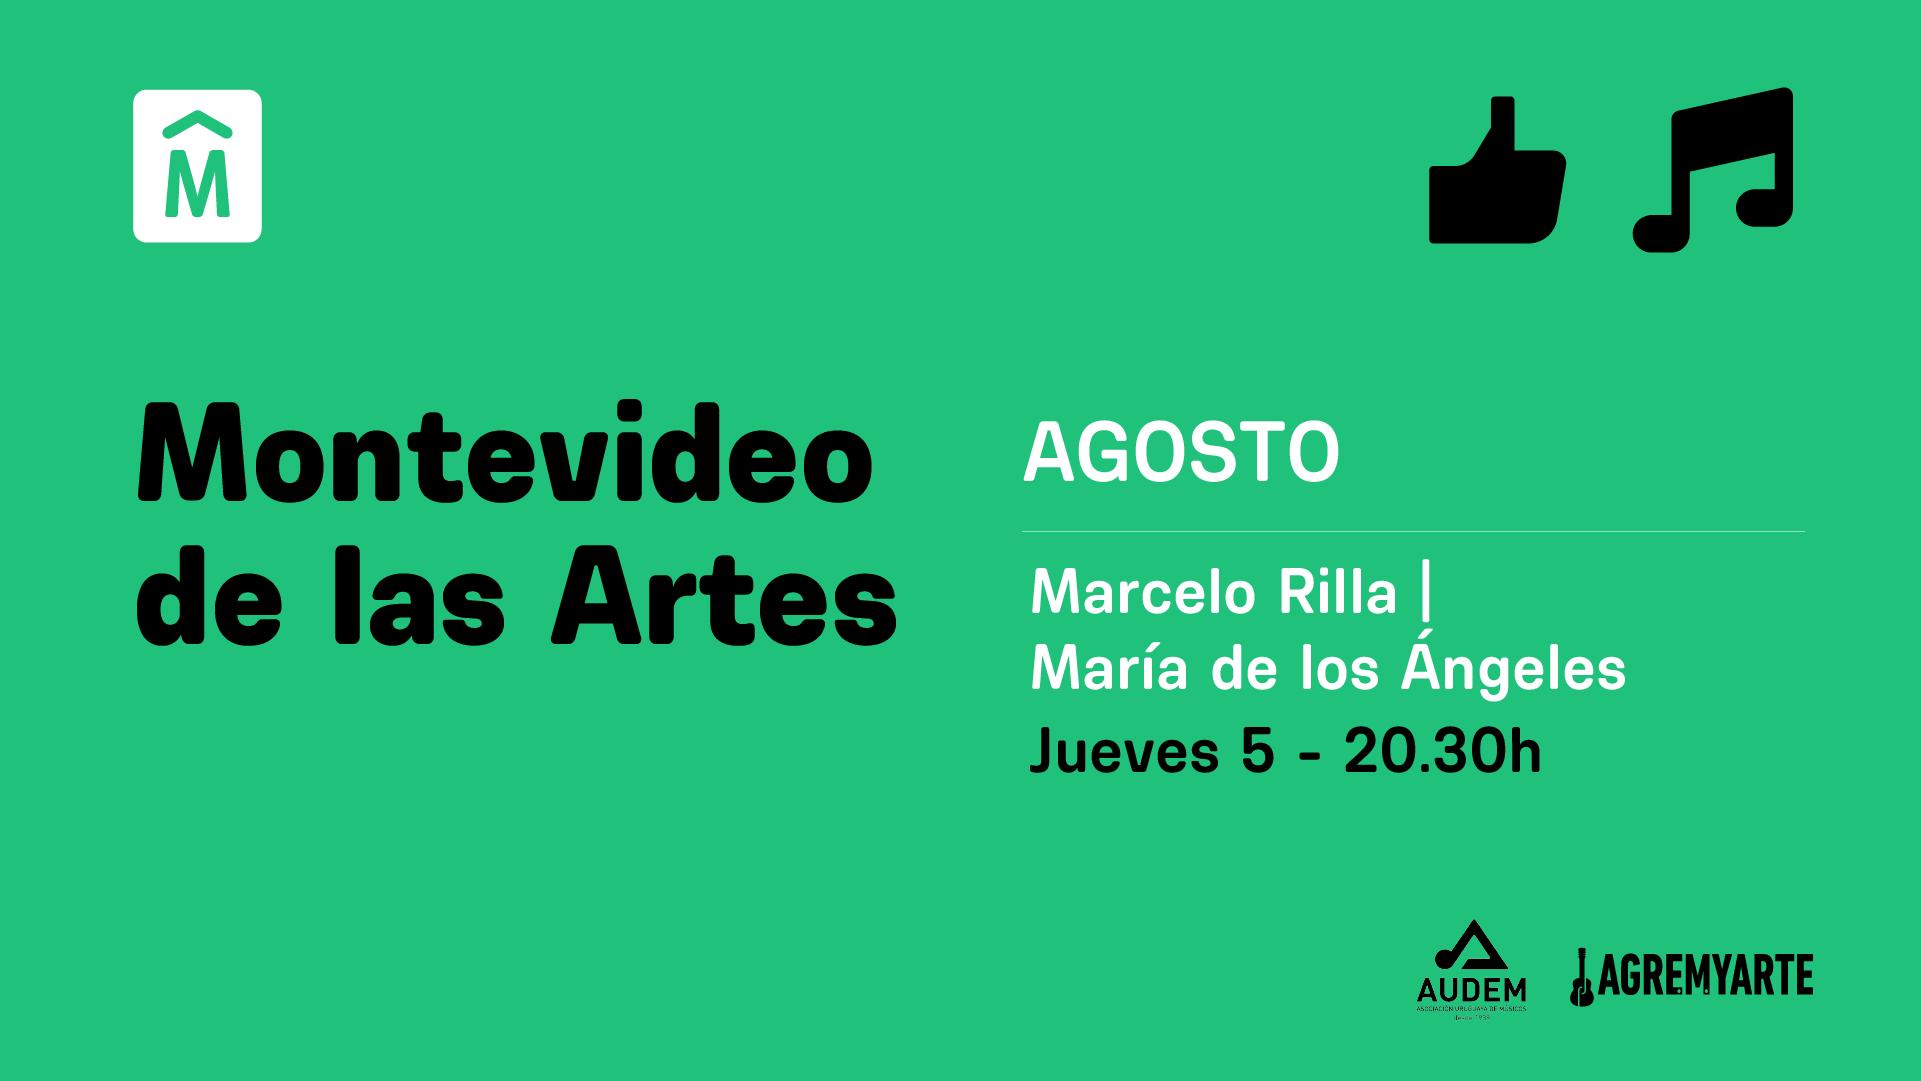 Marcelo Rilla, María de los Ángeles – MVD de las Artes